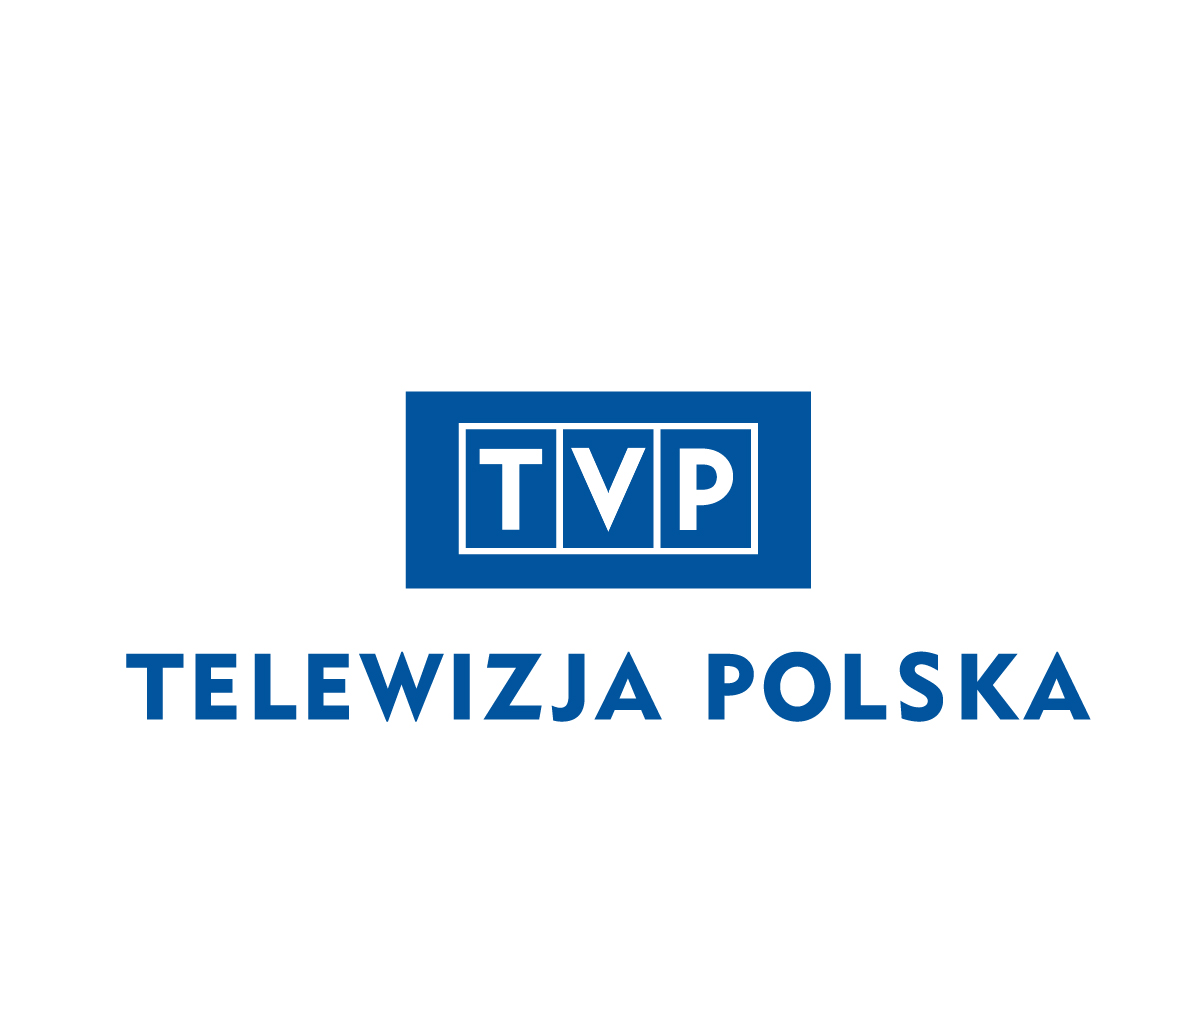 Telewizja_Polska_TVP_logo